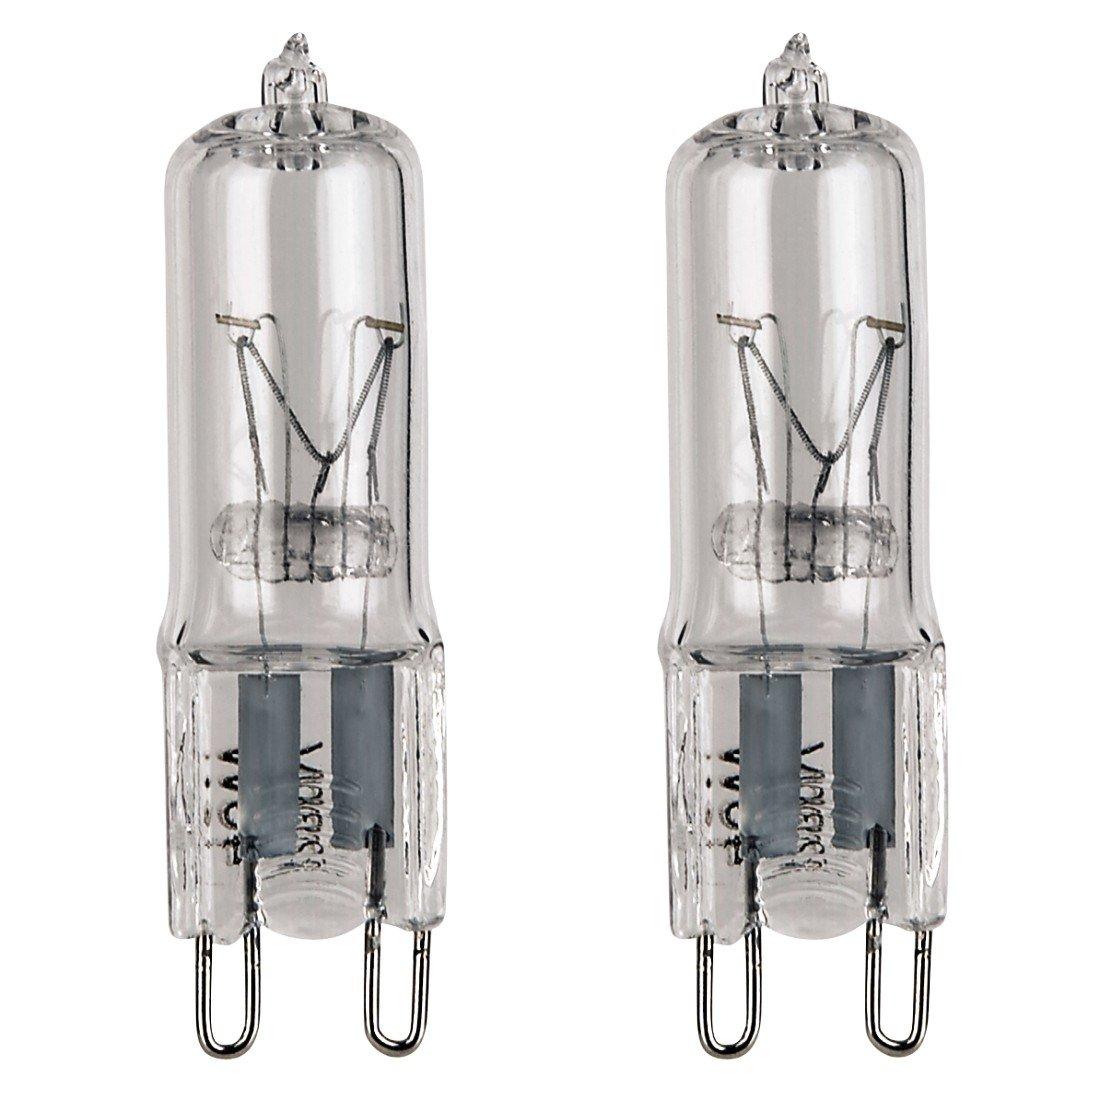 111307/Ampoule de four 28/W 300/G9